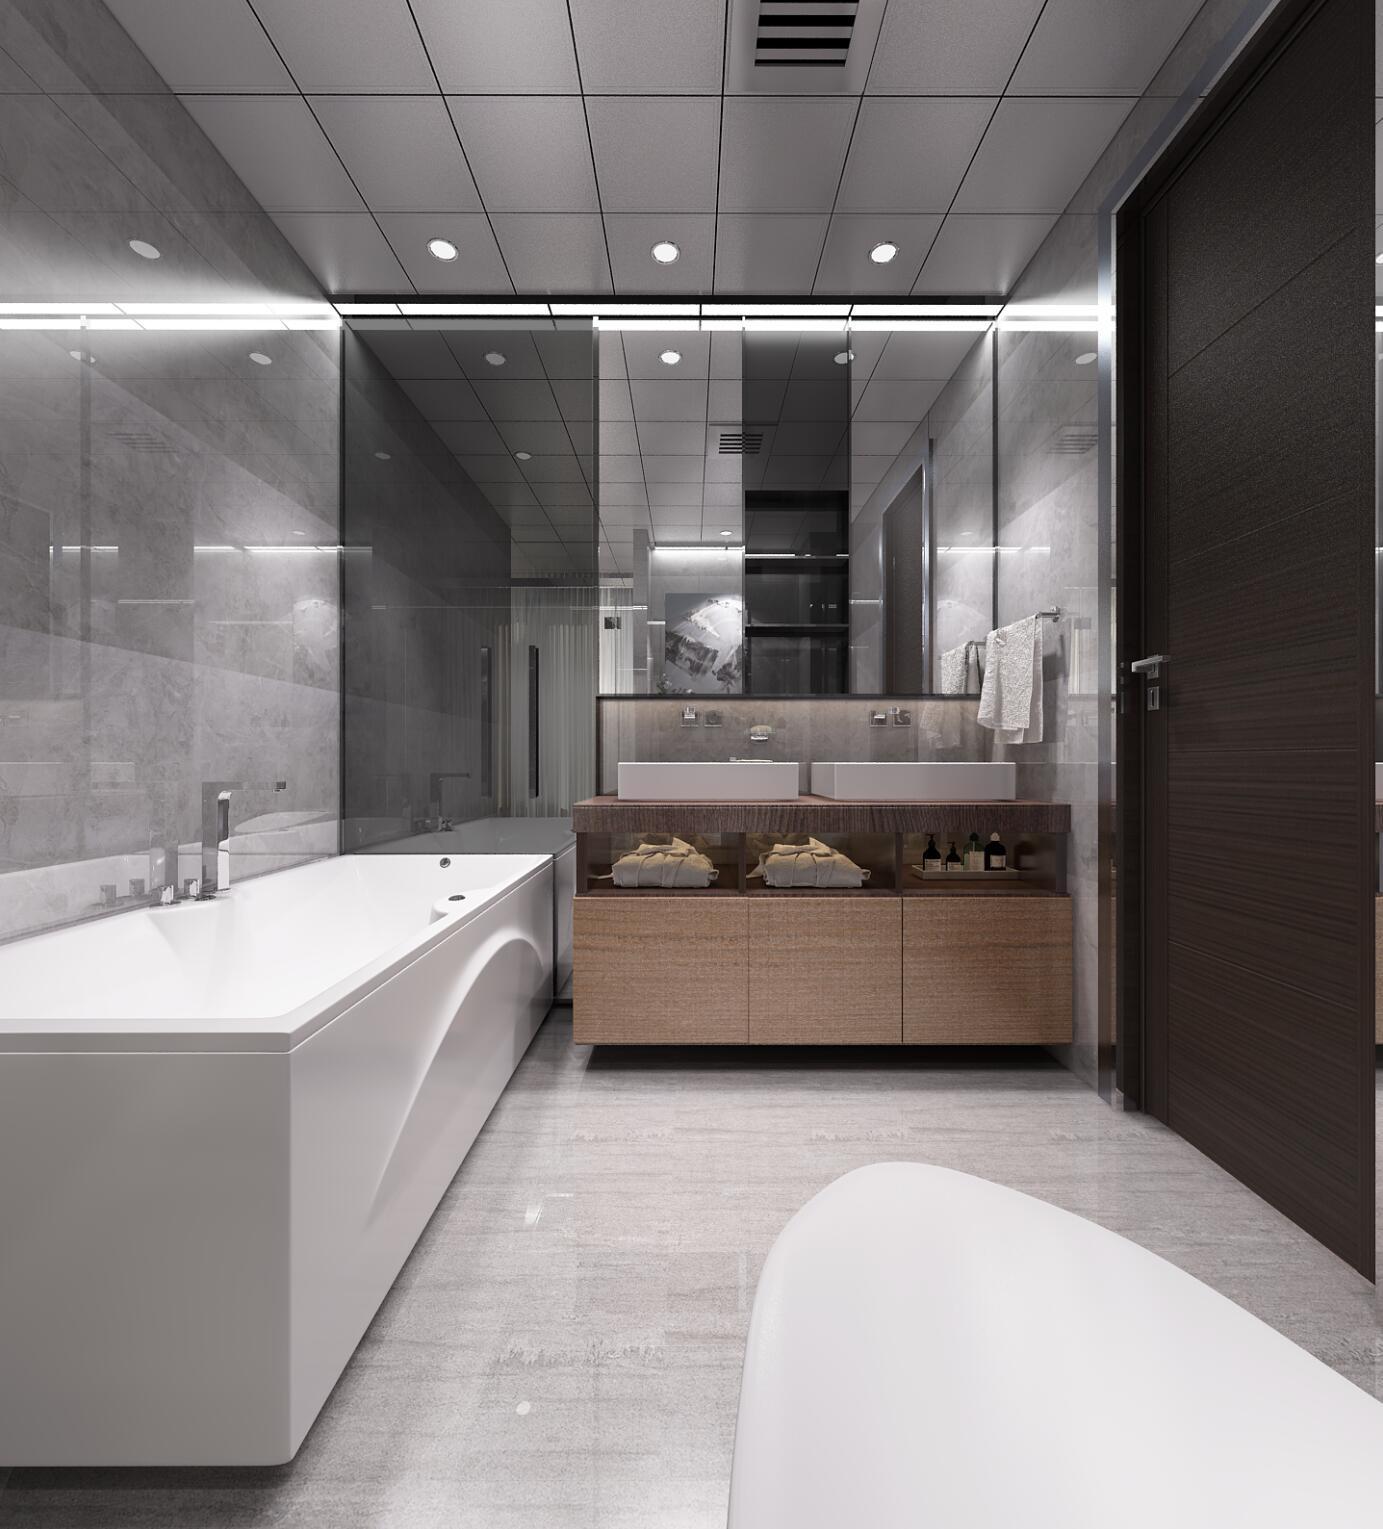 黑白灰调现代风格装修浴缸图片